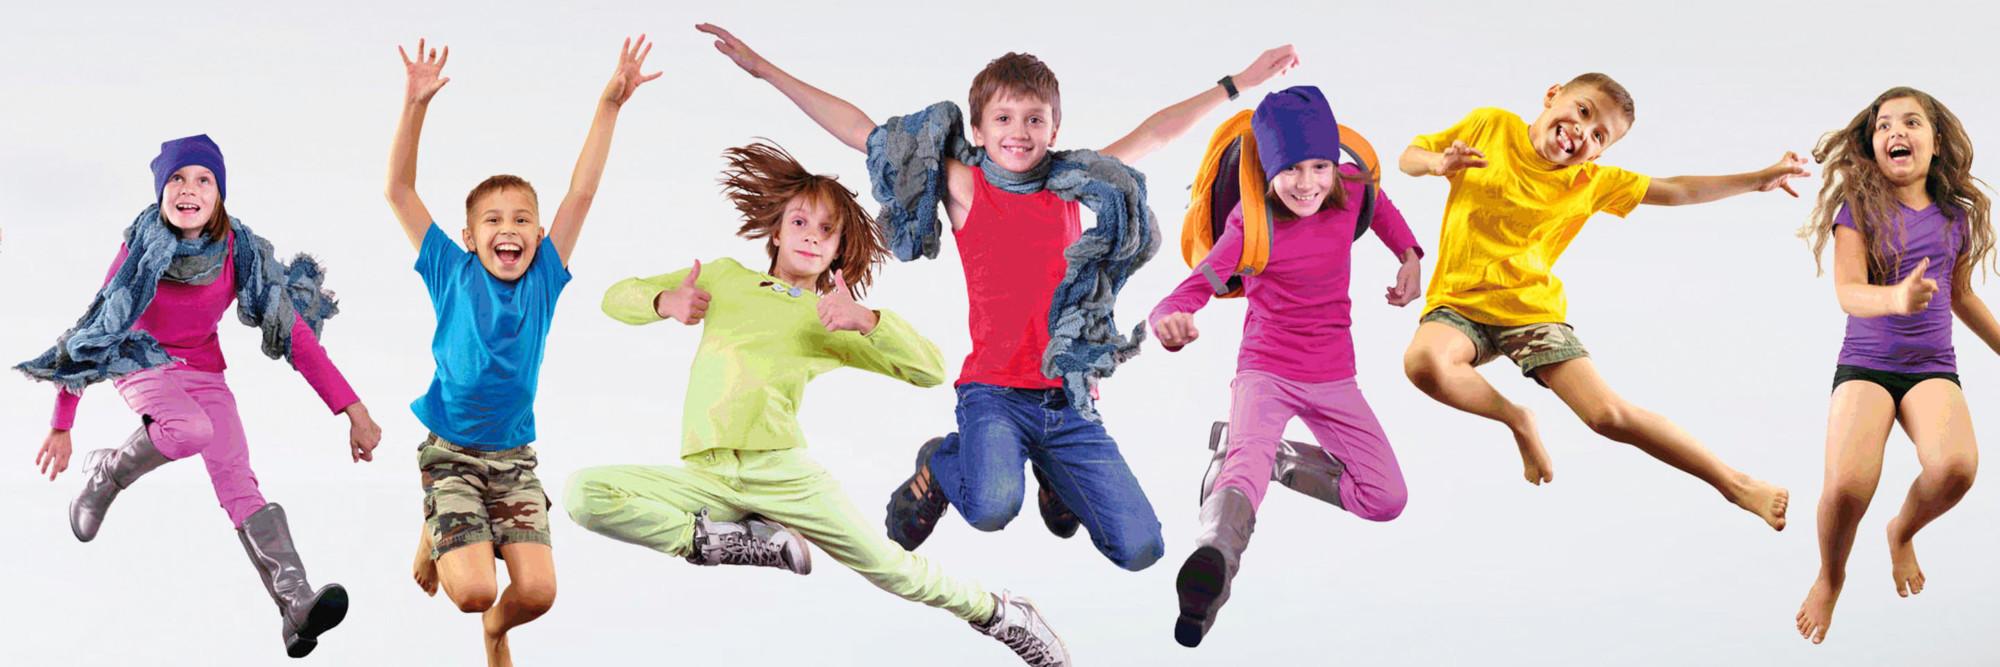 Sieben Kinder - bunt gekleidet - springen lebenslustig in die Höhe.